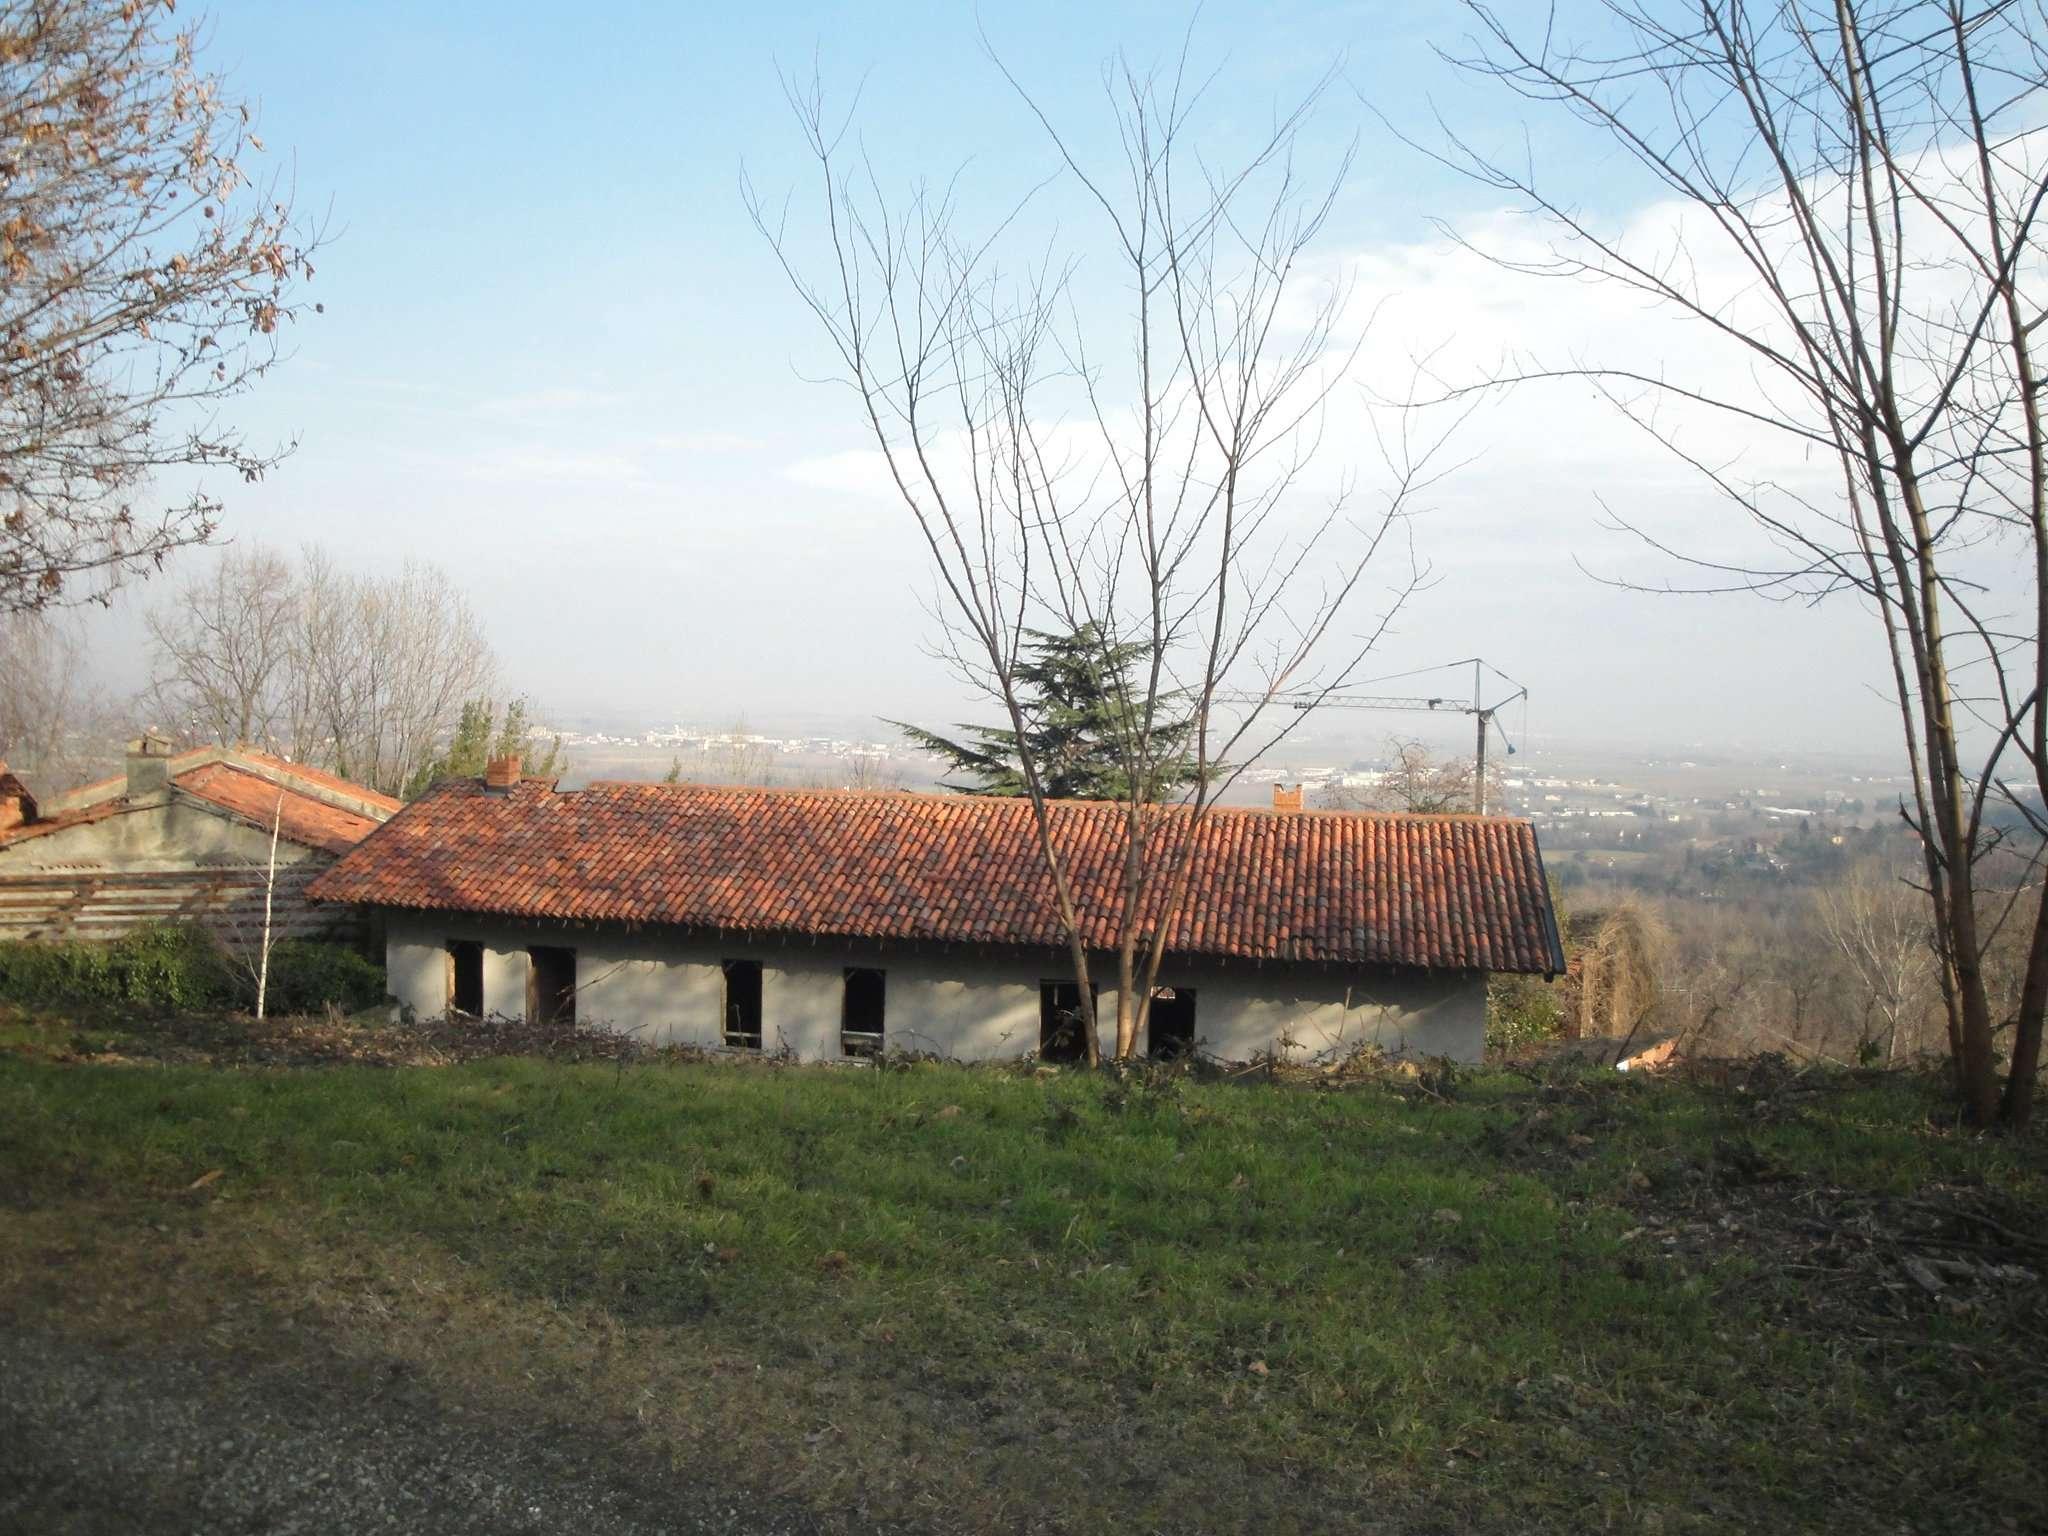 Rustico / Casale in vendita a Pinerolo, 4 locali, prezzo € 50.000 | Cambio Casa.it